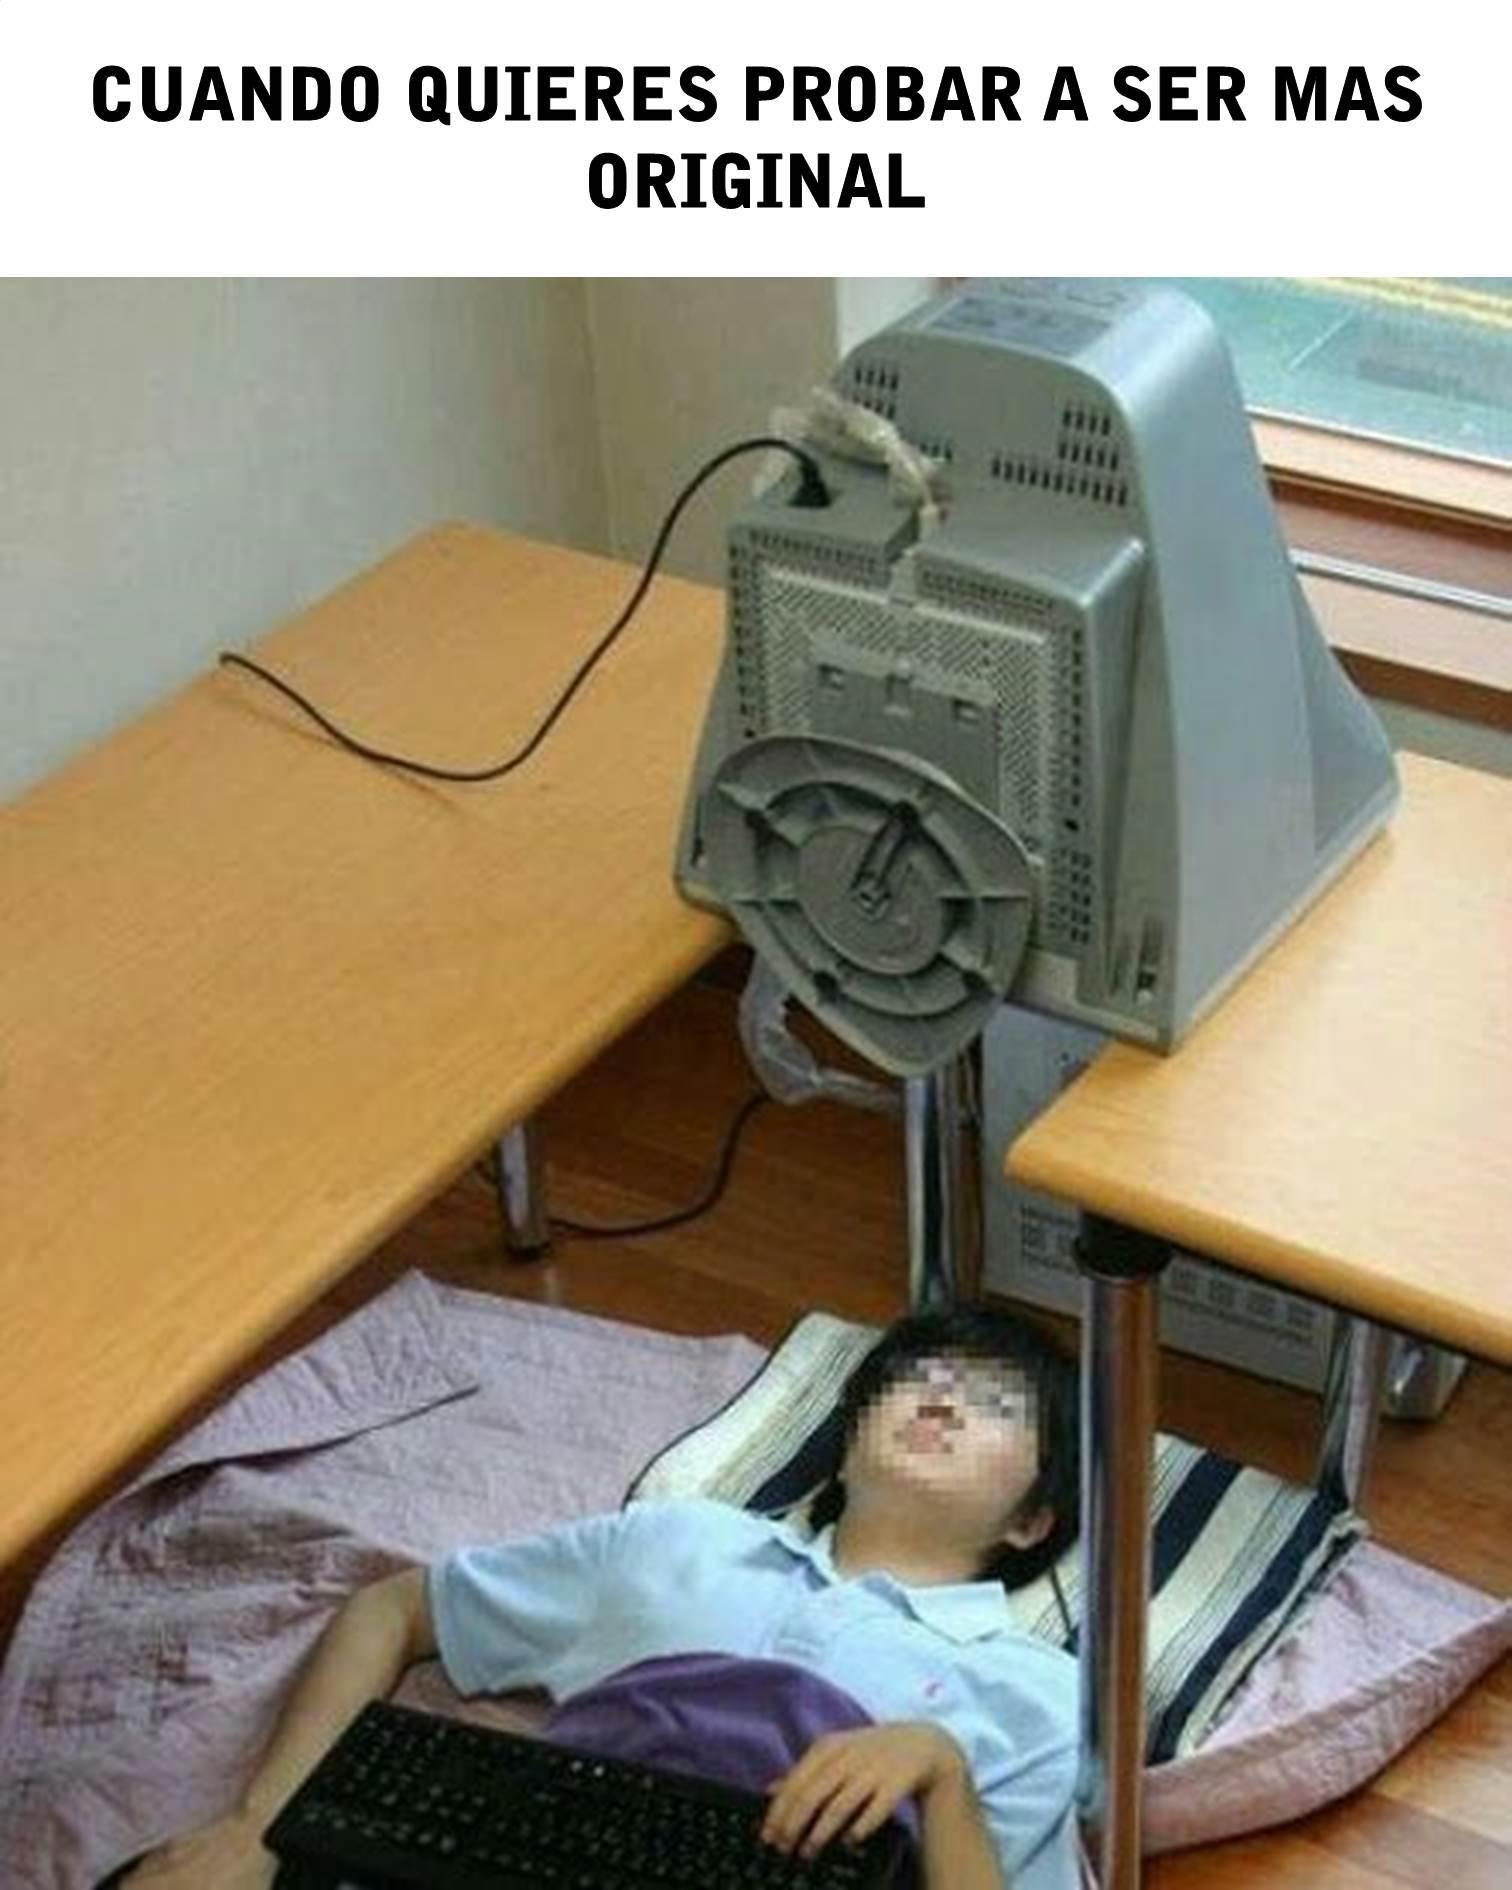 asiaticos - meme